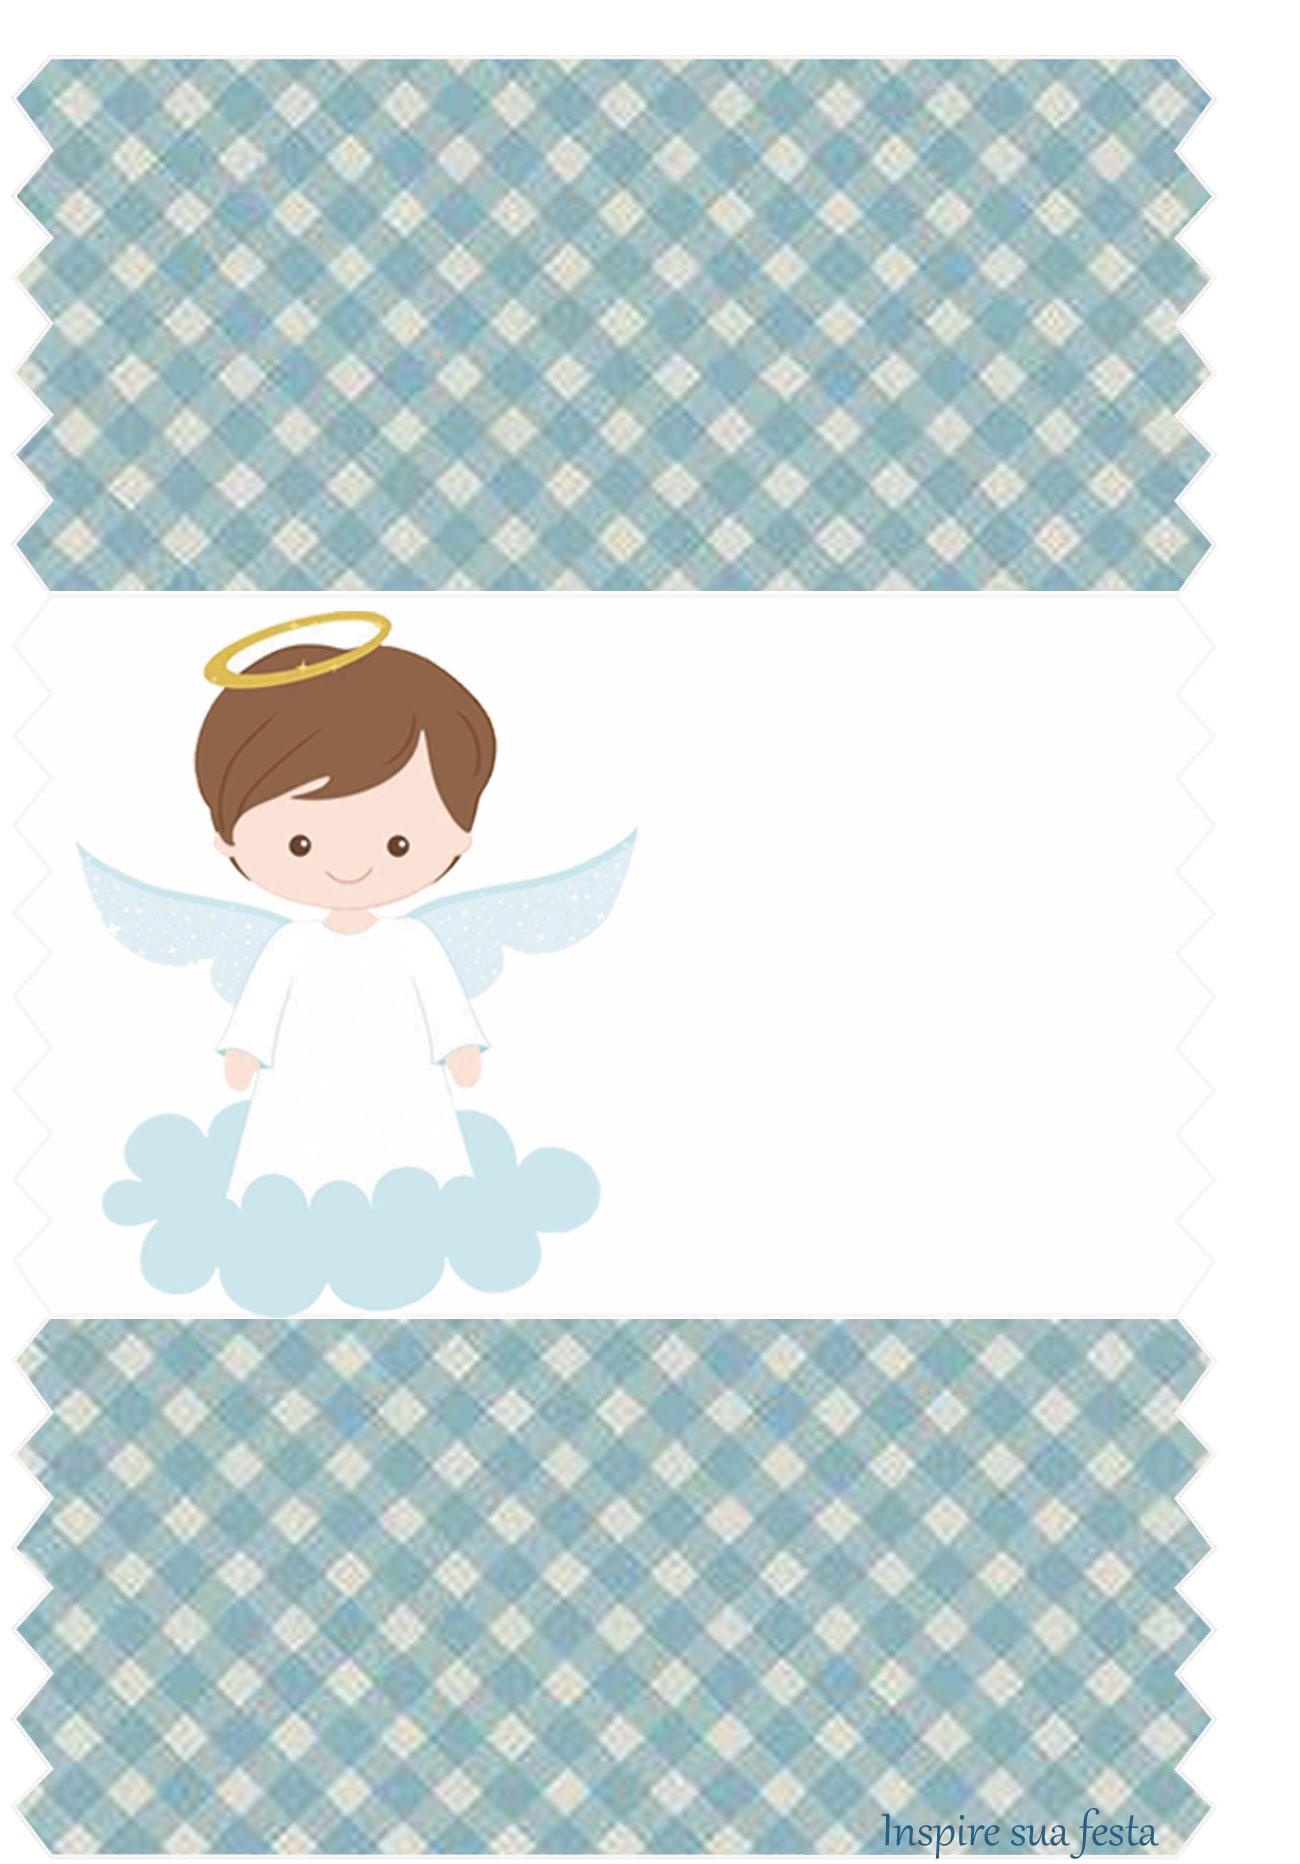 Batizado menino kit festa gr tis para imprimir inspire for O rapaz a porta